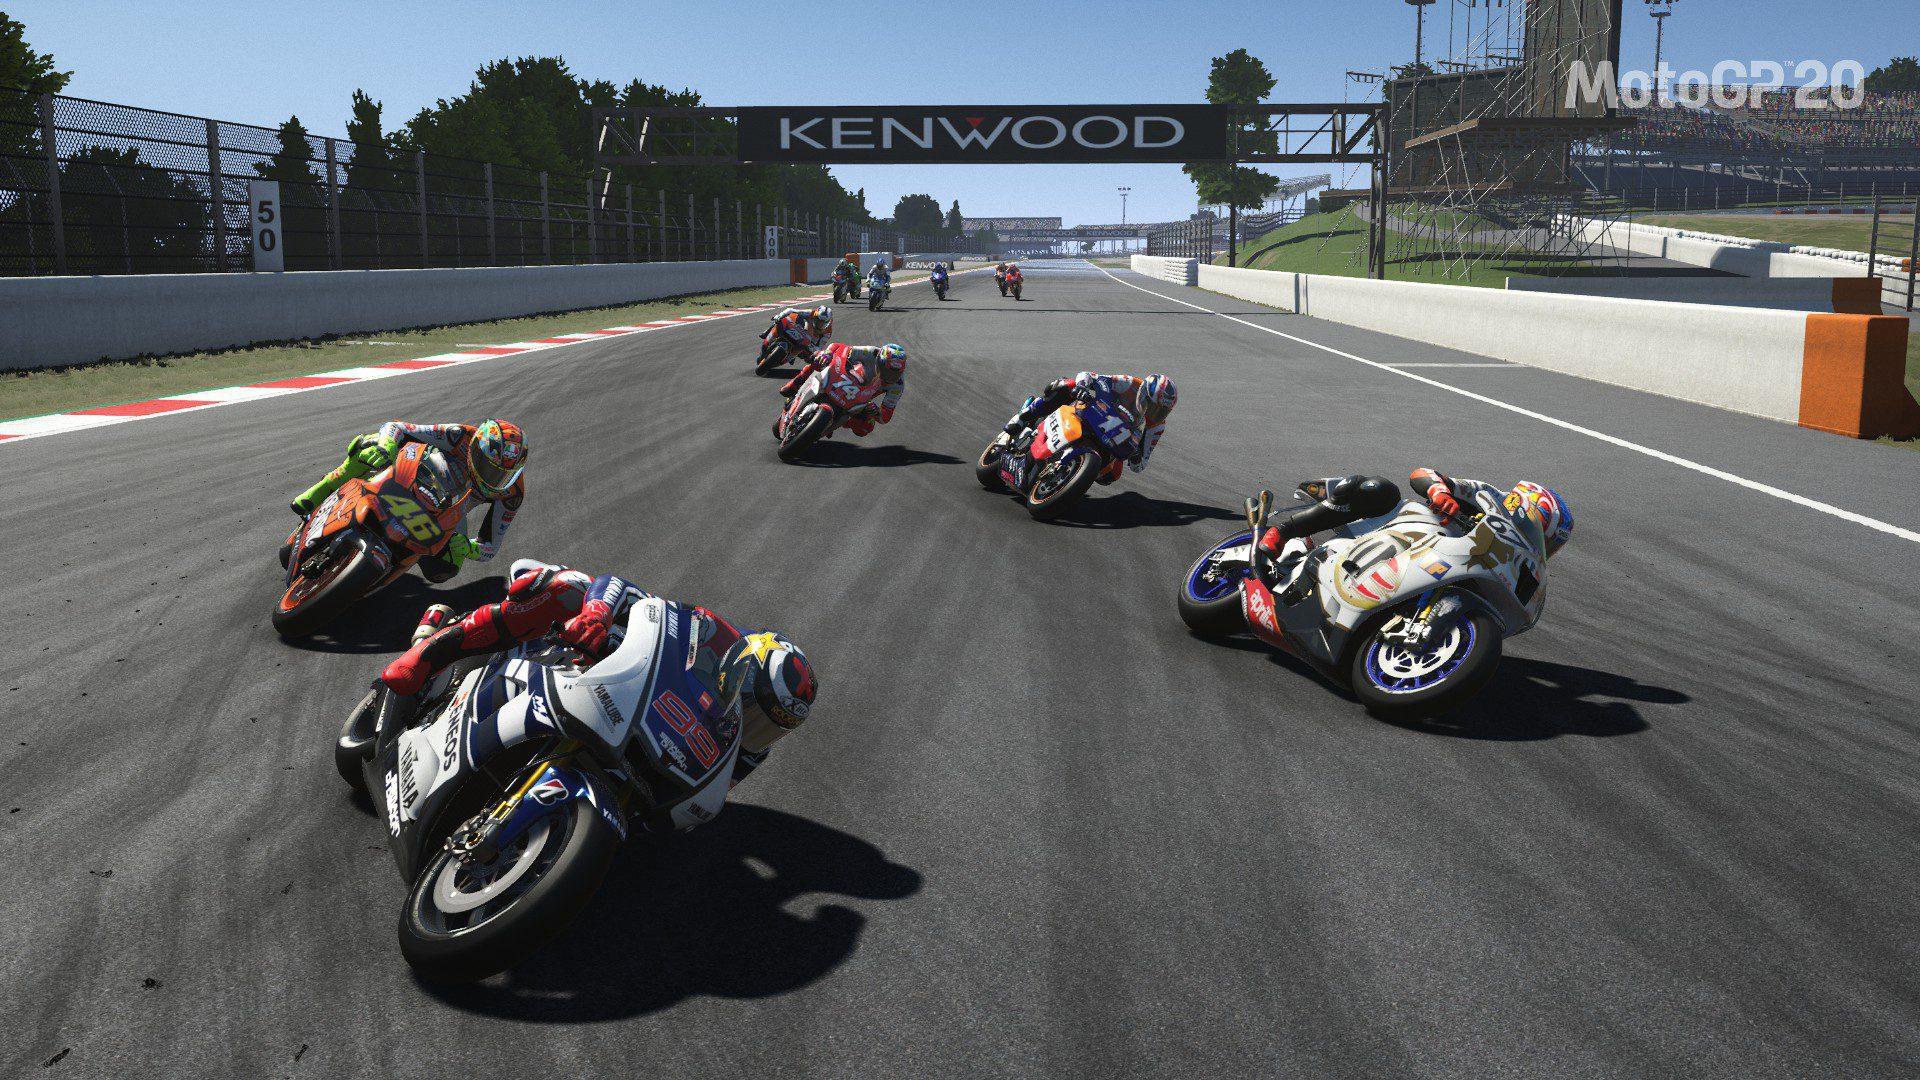 Shane Byrne Moto GP